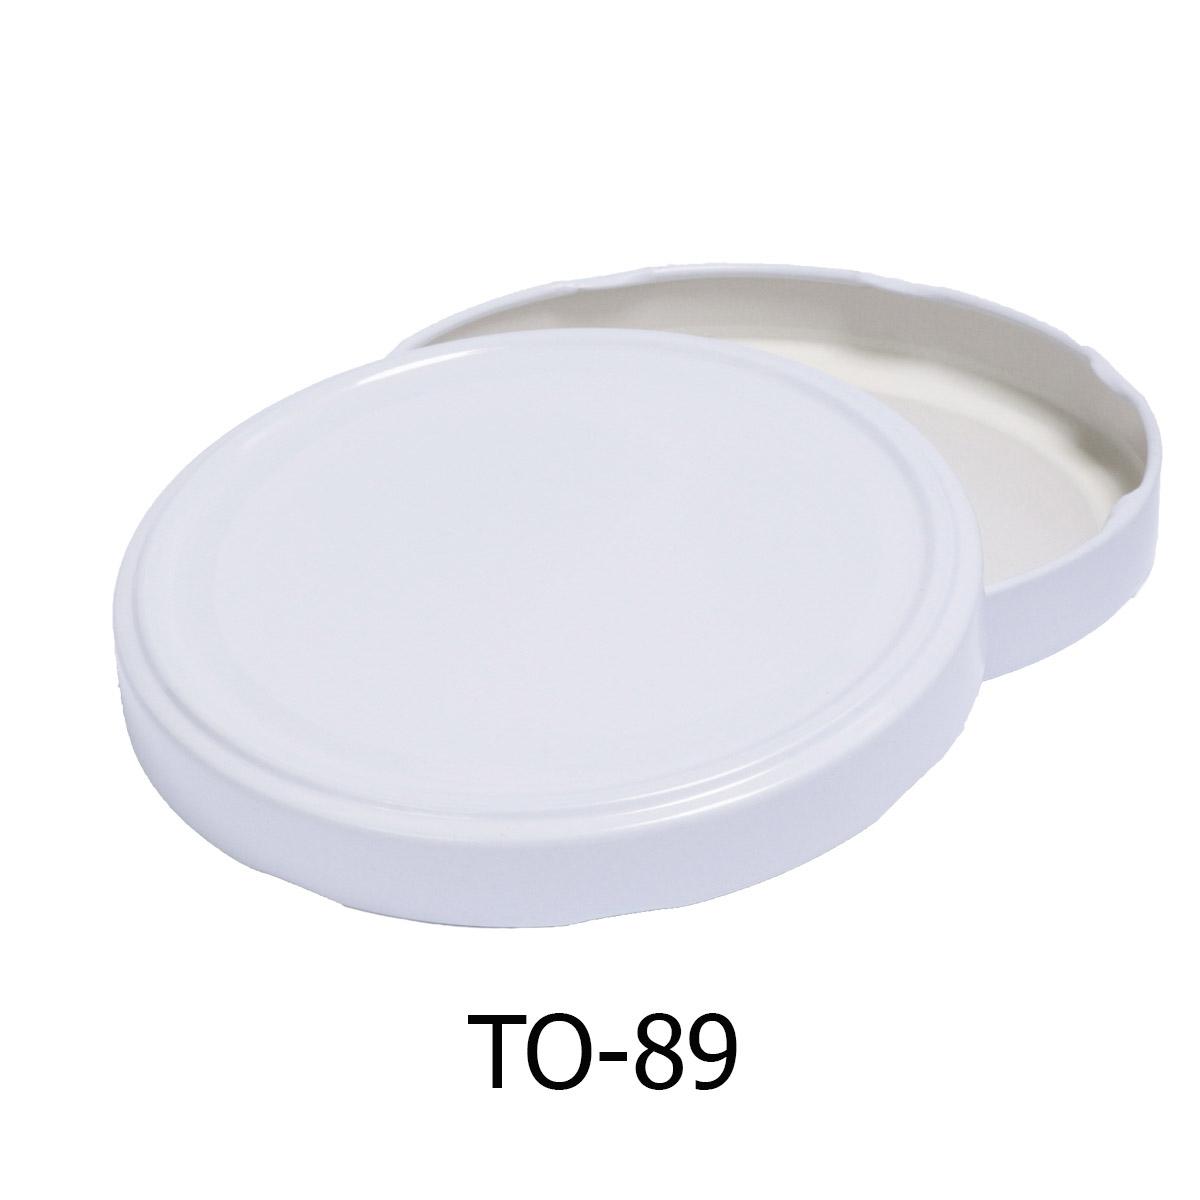 Deckel Schraubdeckel Twist-Off-Verschluss f/ür Marmeladengl/äser Einmachgl/äser Sturzgl/äser 21 Ersatzdeckel wei/ß